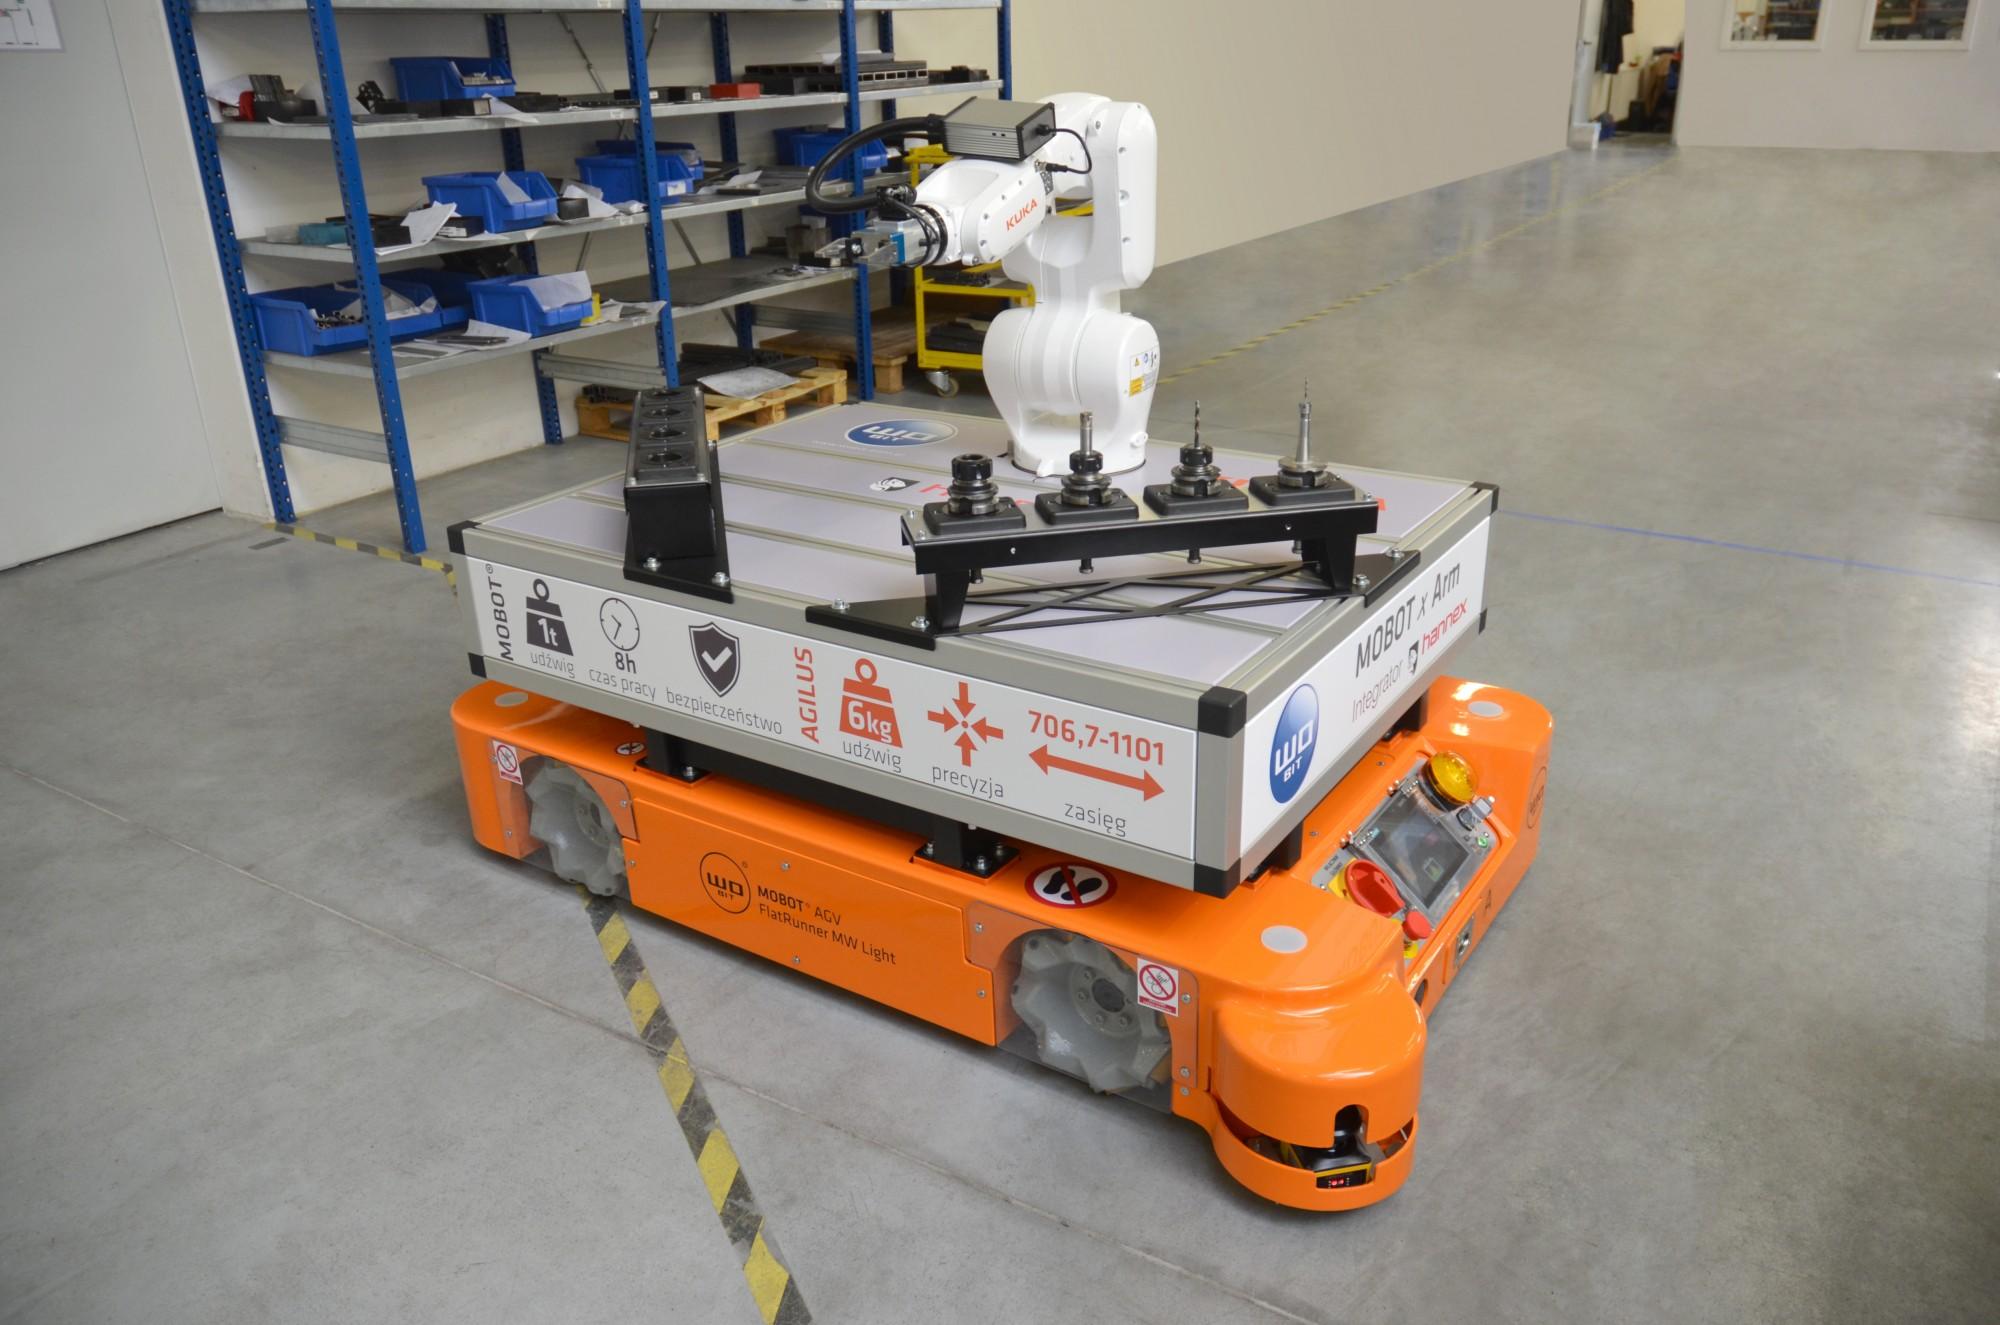 MOBOT xArm – robot mobilny MOBOT® wyposażony wramię robotyczne